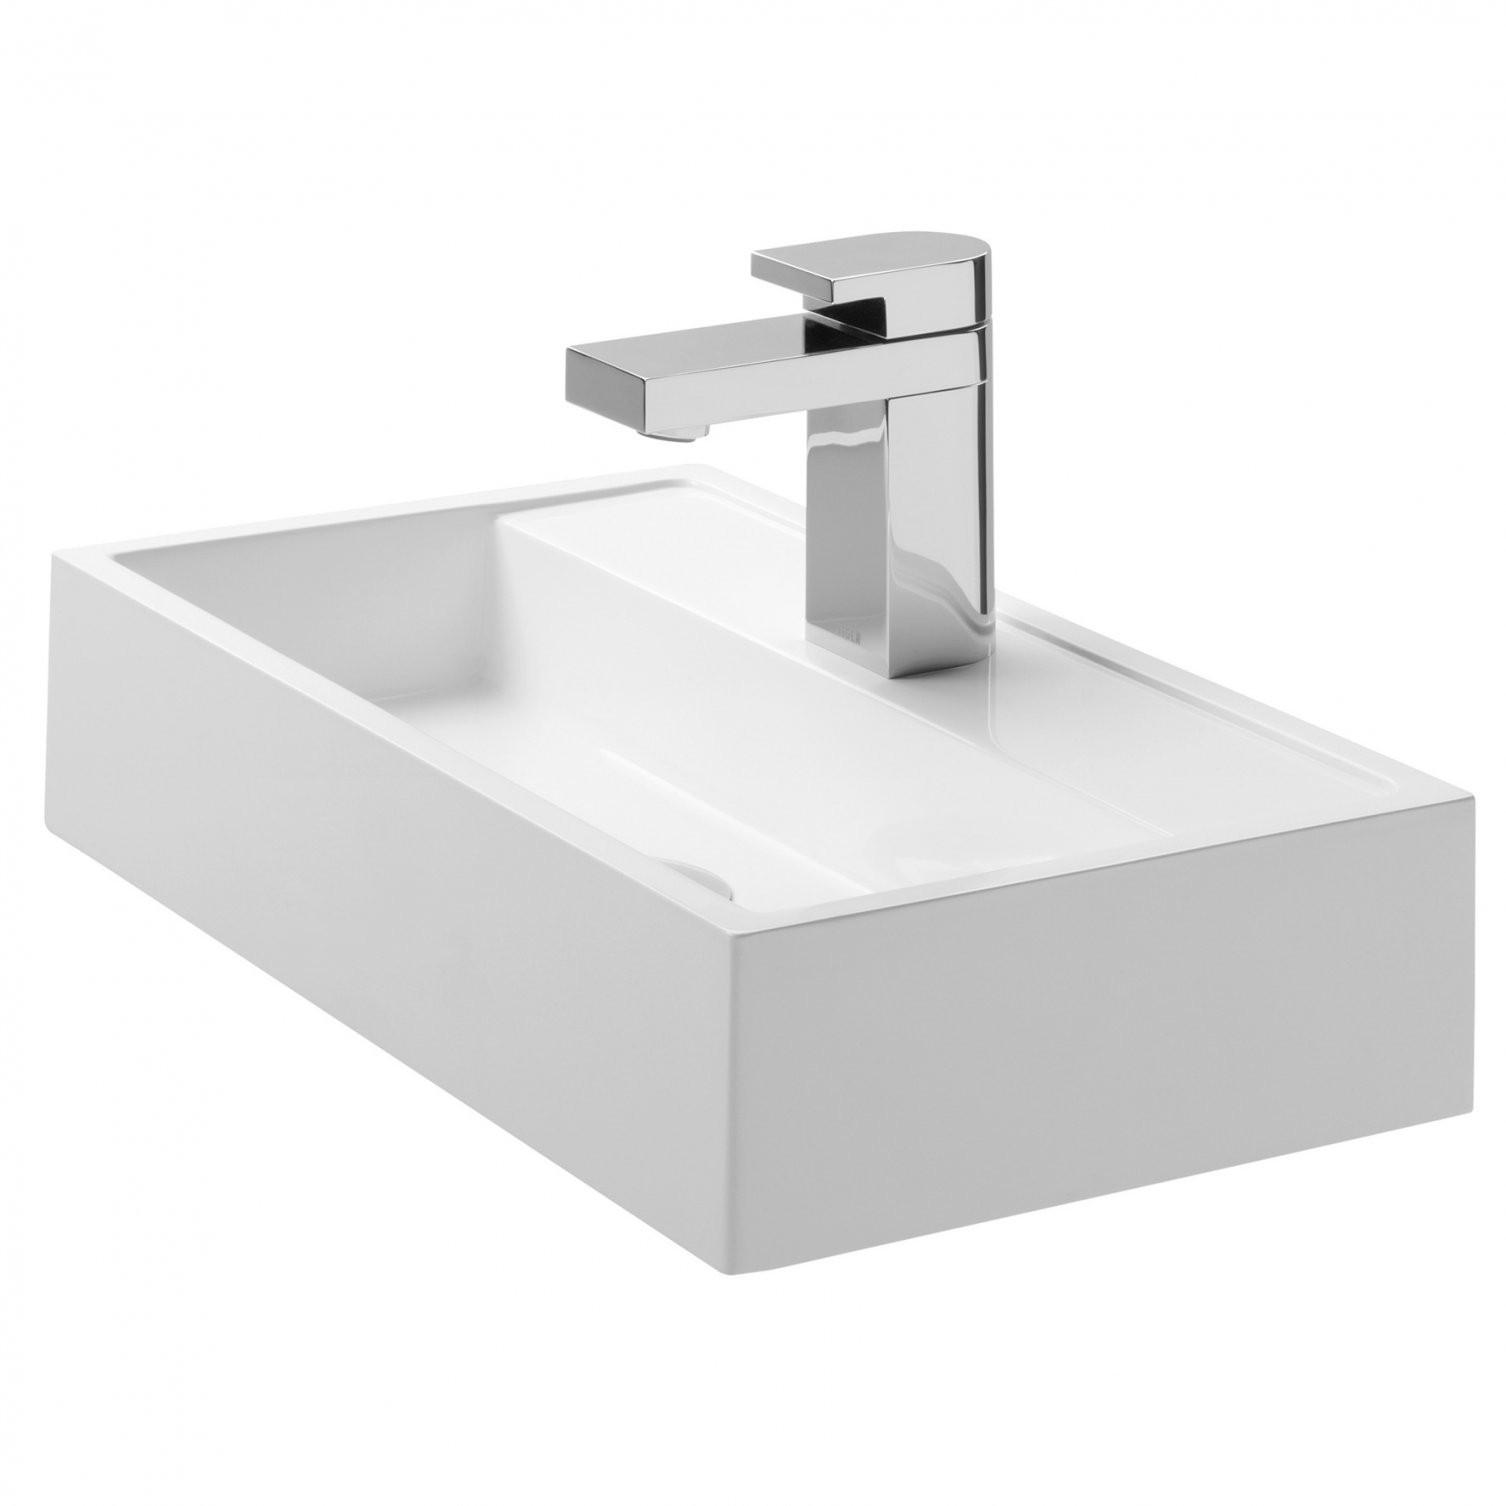 Wellnessedition  Produkt  Waschtische Und Schalen  Coram von Armatur Für Kleines Waschbecken Bild